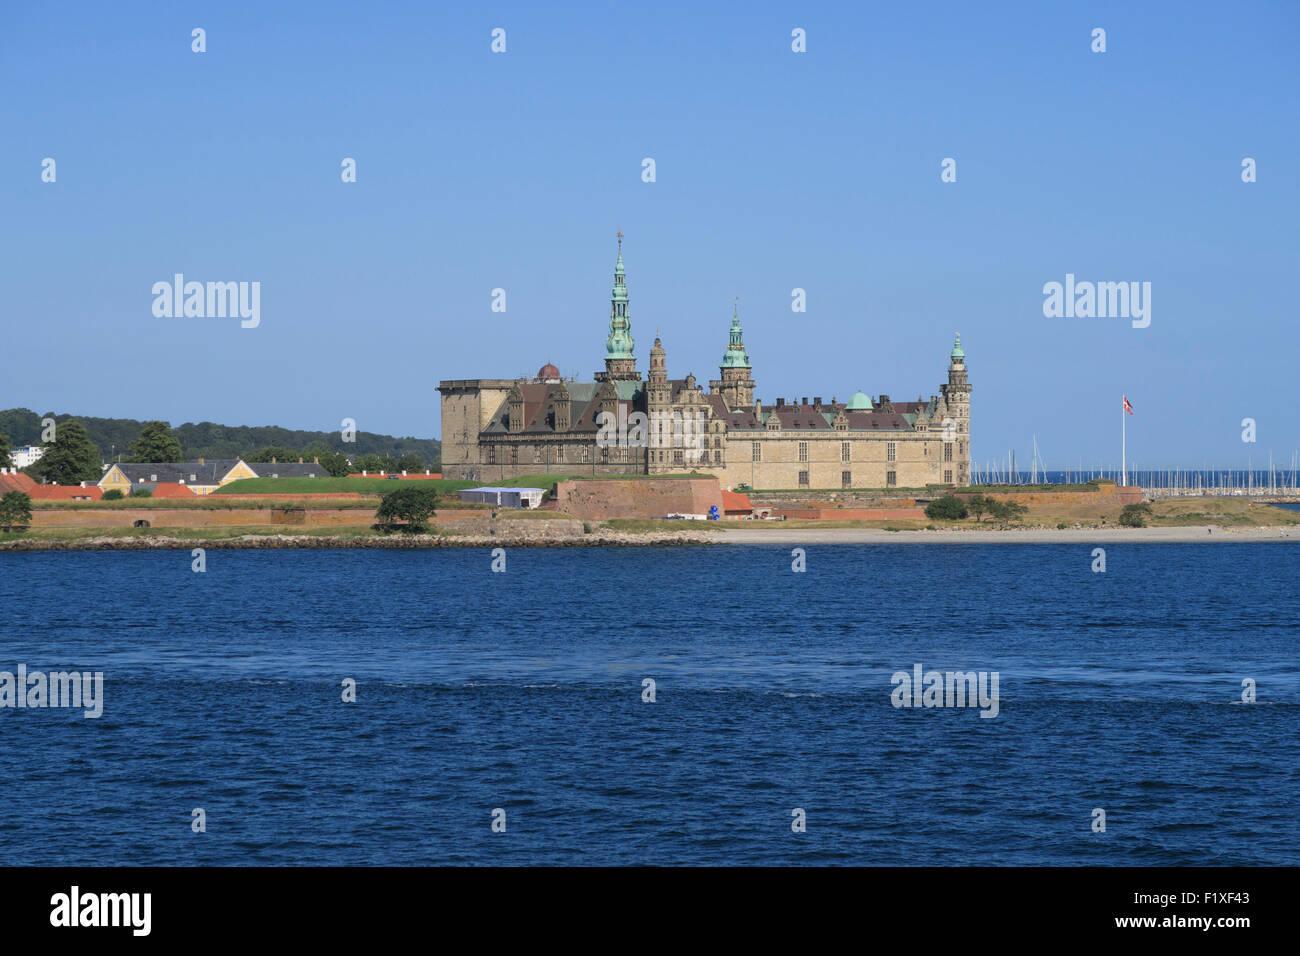 Kronborg castle in Helsingør, Denmark - Stock Image